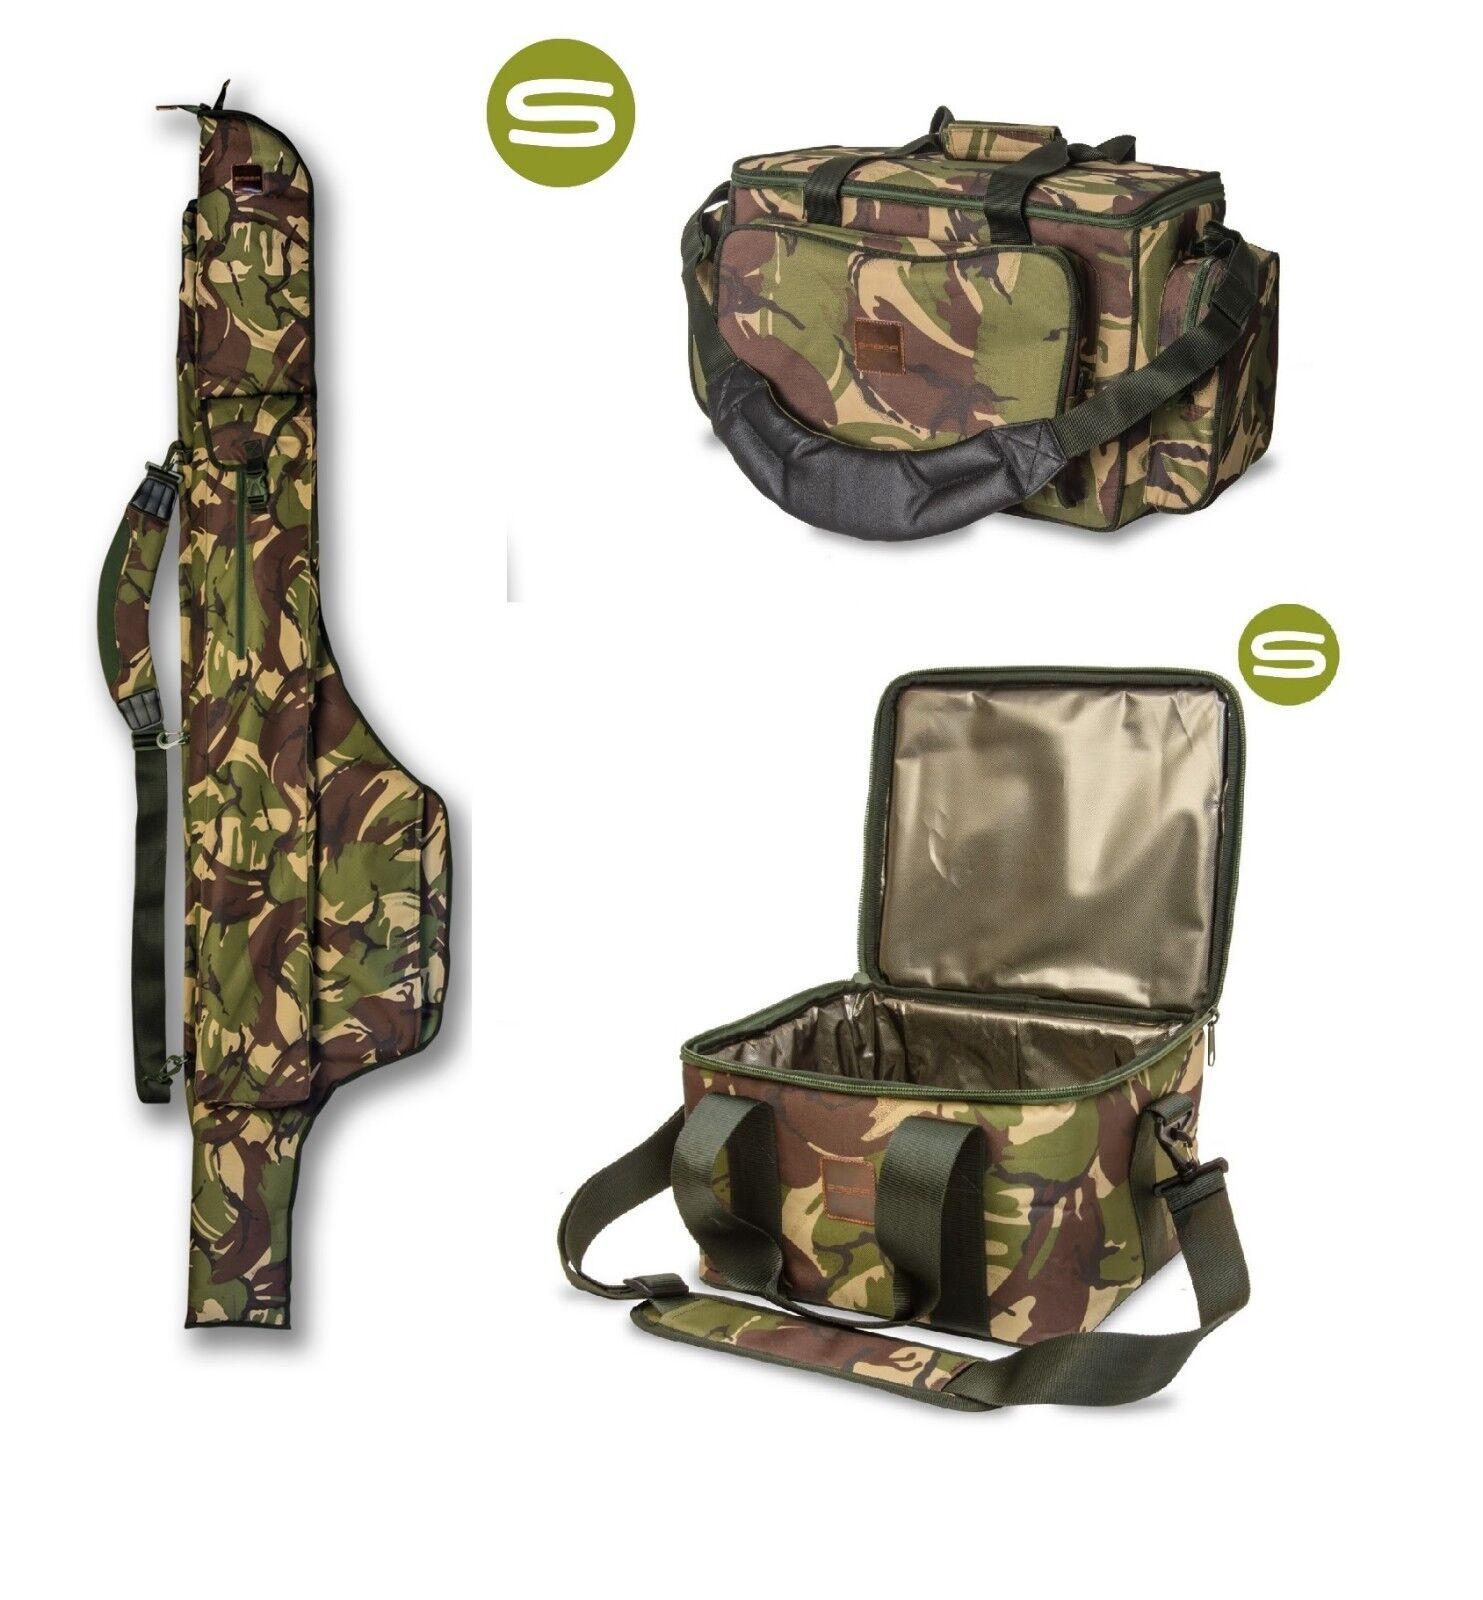 Saber DPM Camo 12ft 3 Rod Sleeve Saber DPM Carryall Saber DPM Camo Cooler Tasche